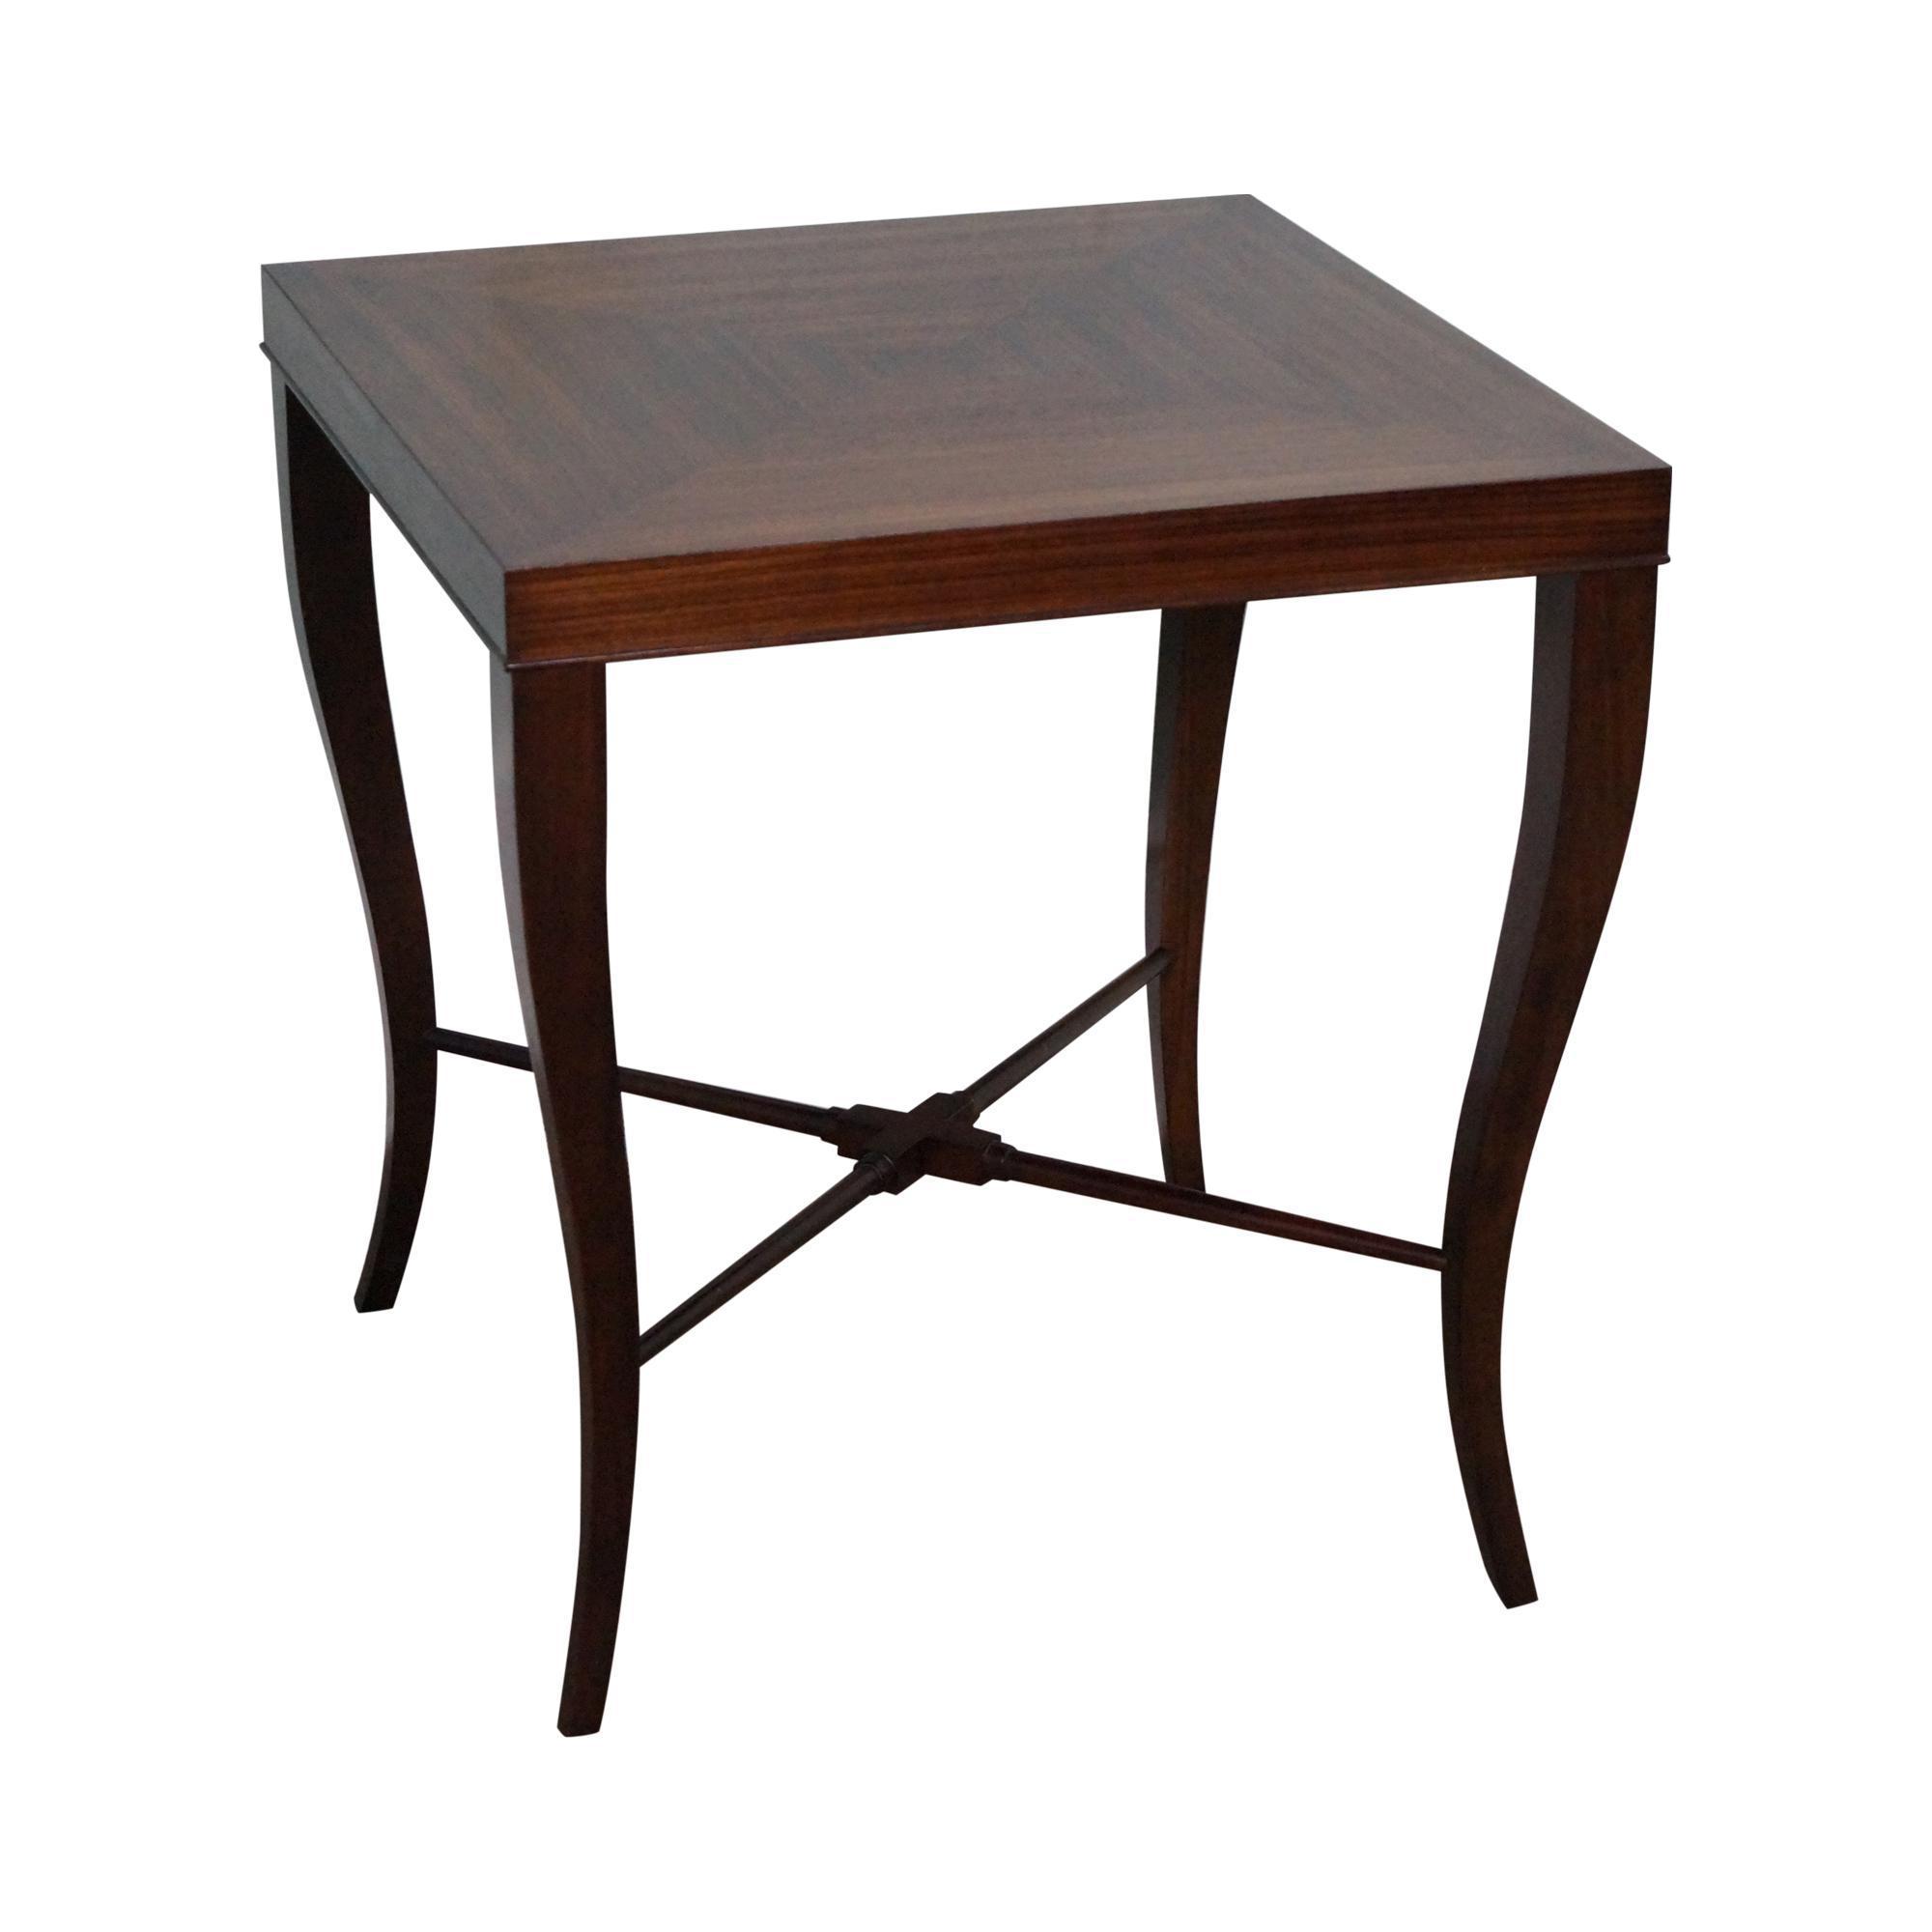 Ethan Allen Gracie Zebra Wood Side Table